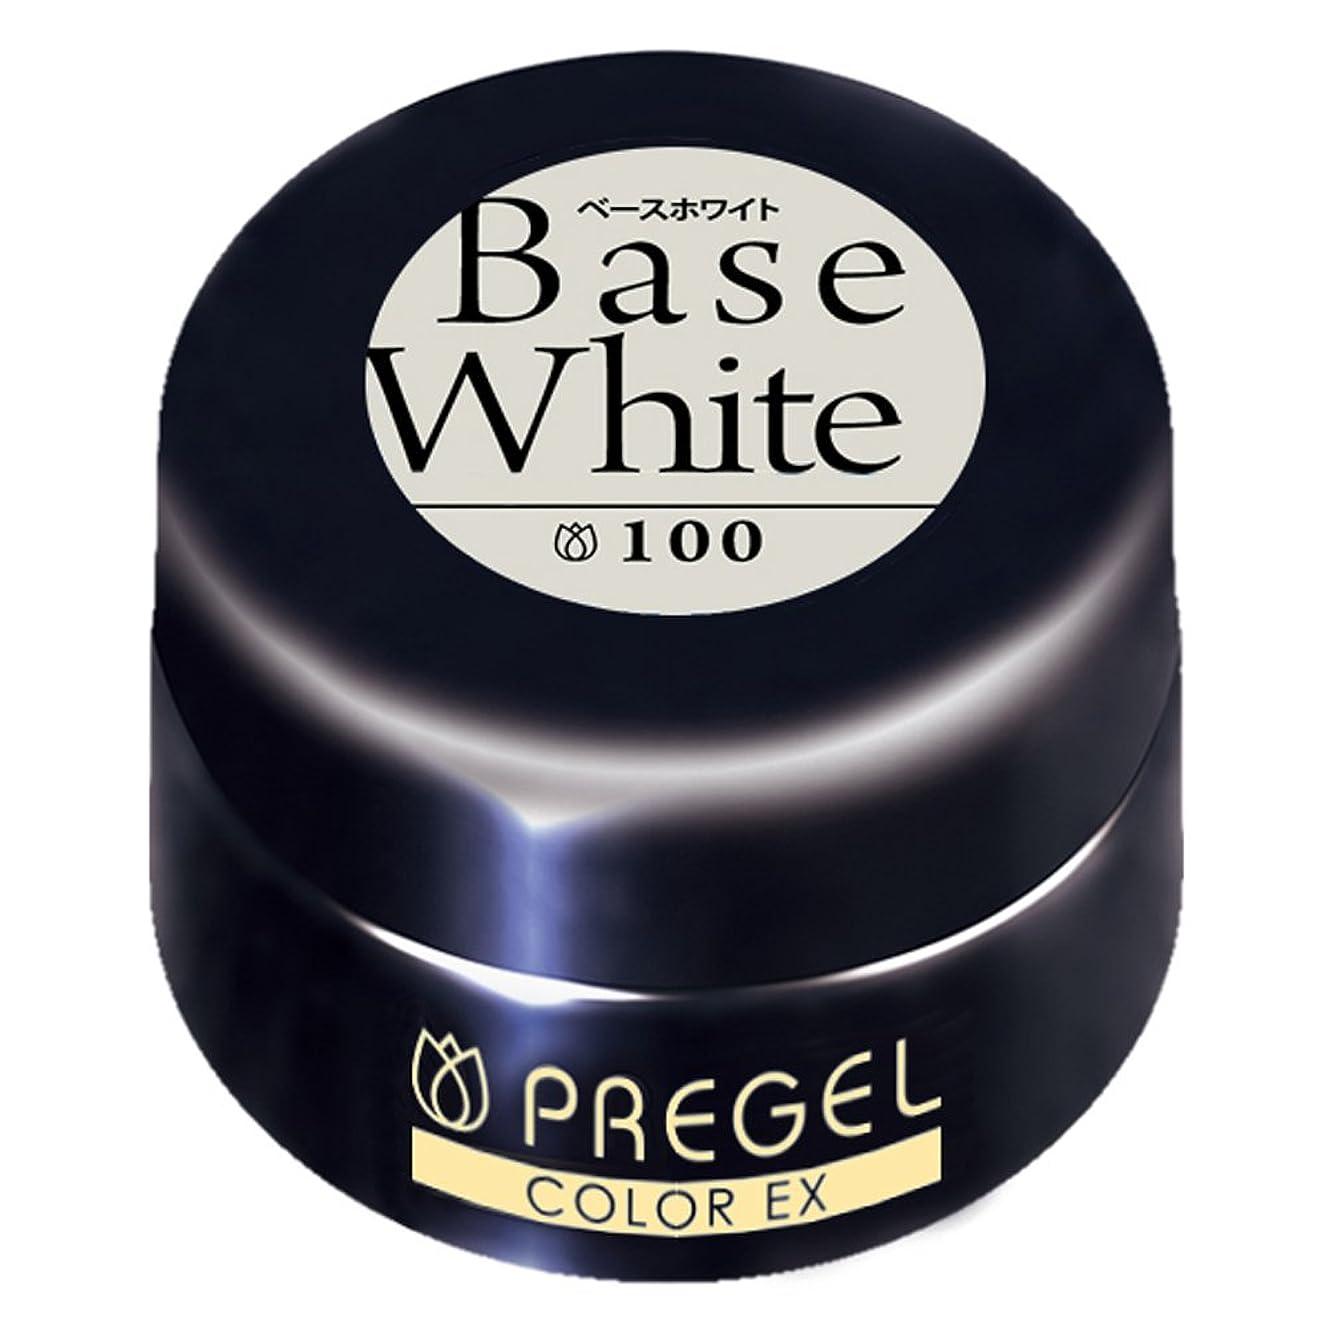 意志に反する不快な灰プリジェル ジェルネイル プリジェル ジェルネイル カラーEX ベースホワイト100 4g カラージェル UV/LED対応